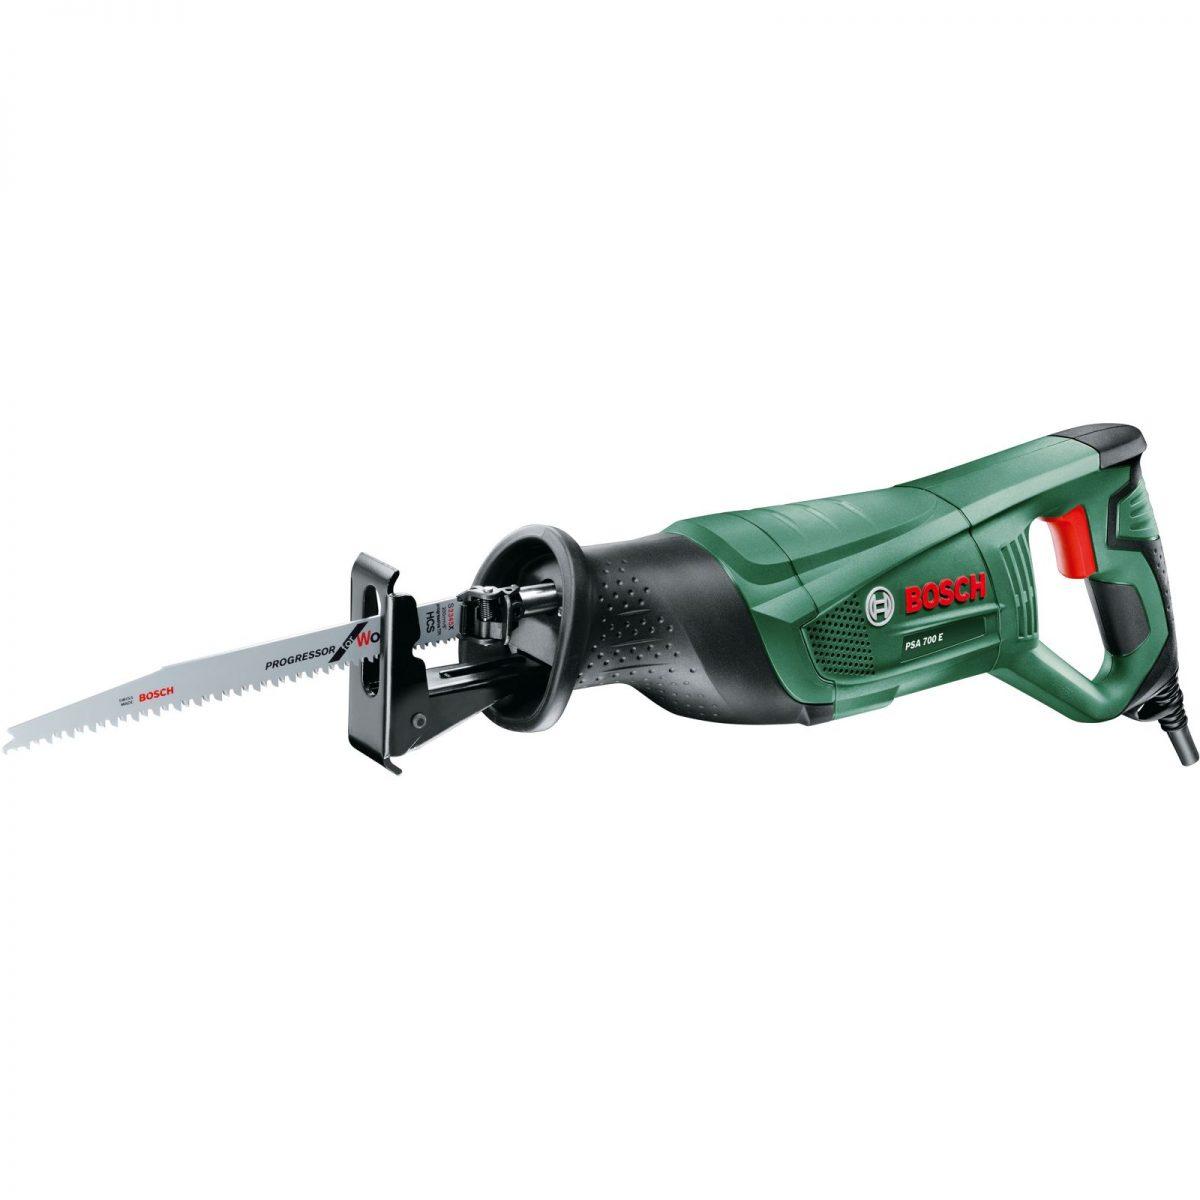 Bosch 06033A7070 - PSA 700E 710w Saber Saw